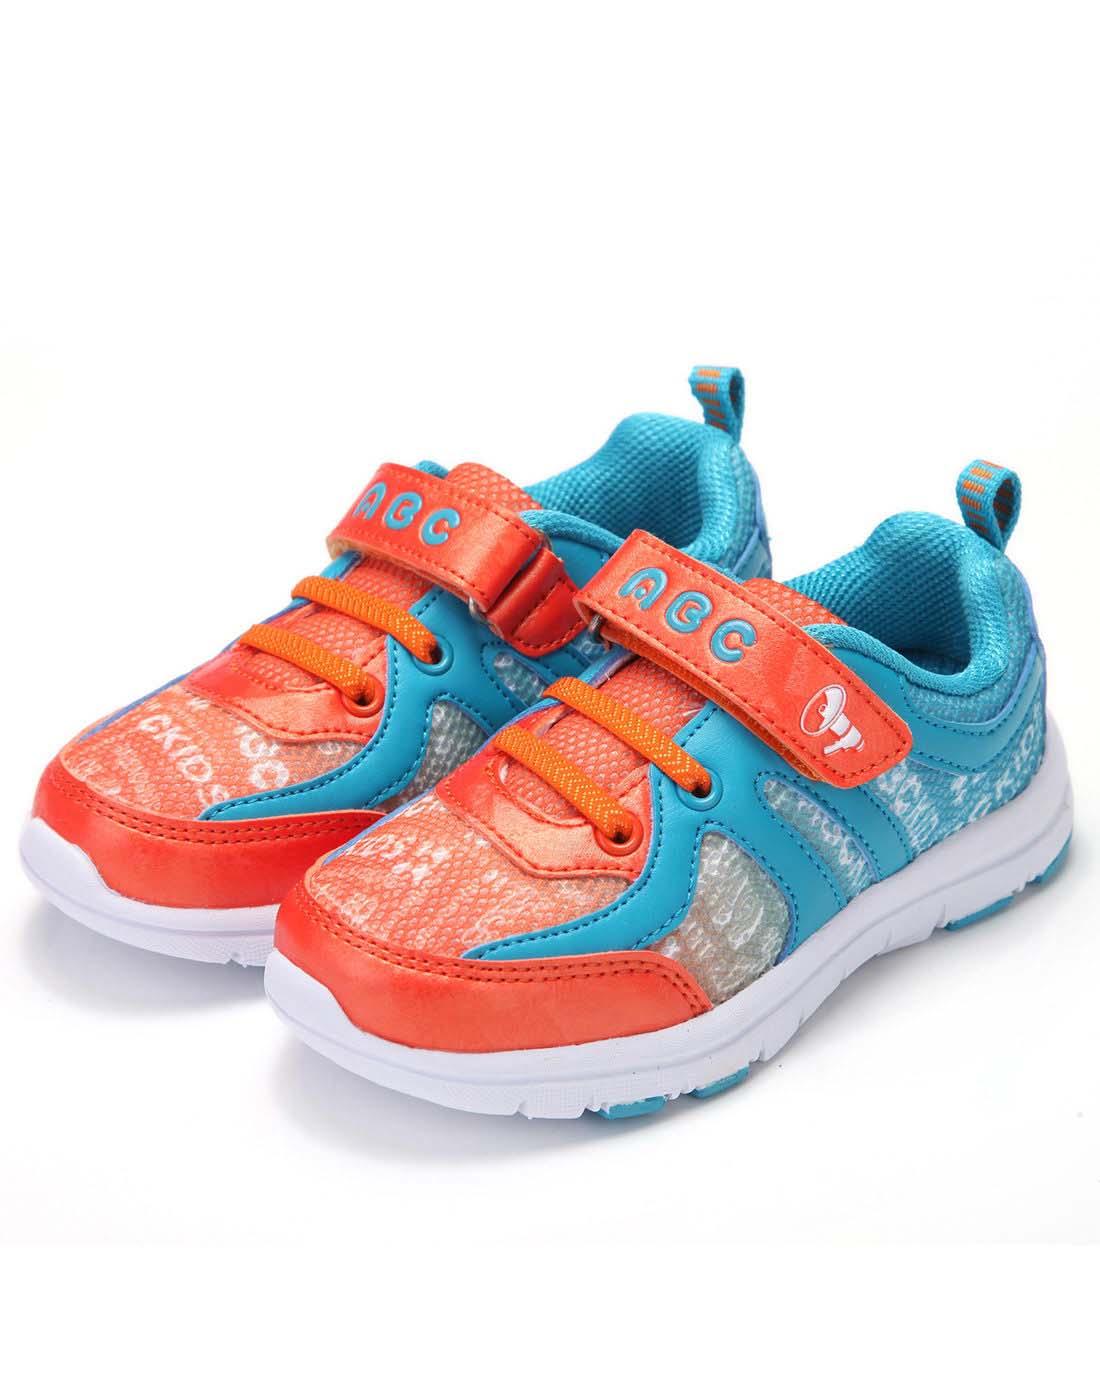 abckids童装童鞋专场男小童橙/湖蓝跑步运动鞋-2084